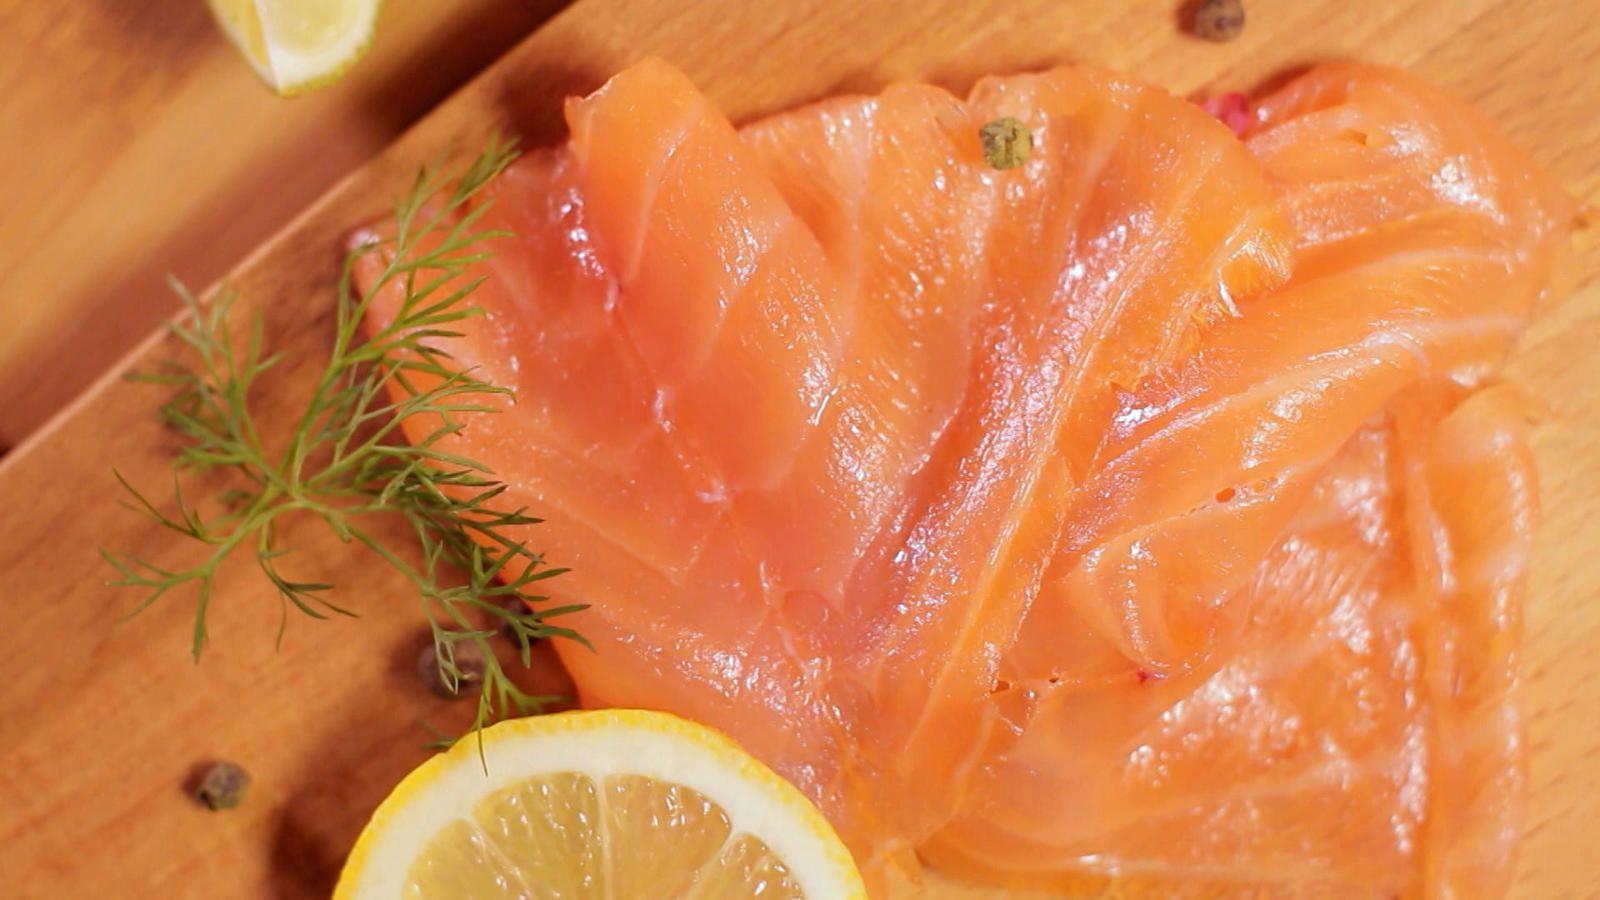 Le saumon, faut-il s'en méfier pour notre santé ? Enquête diffusée ce dimanche sur France 5.